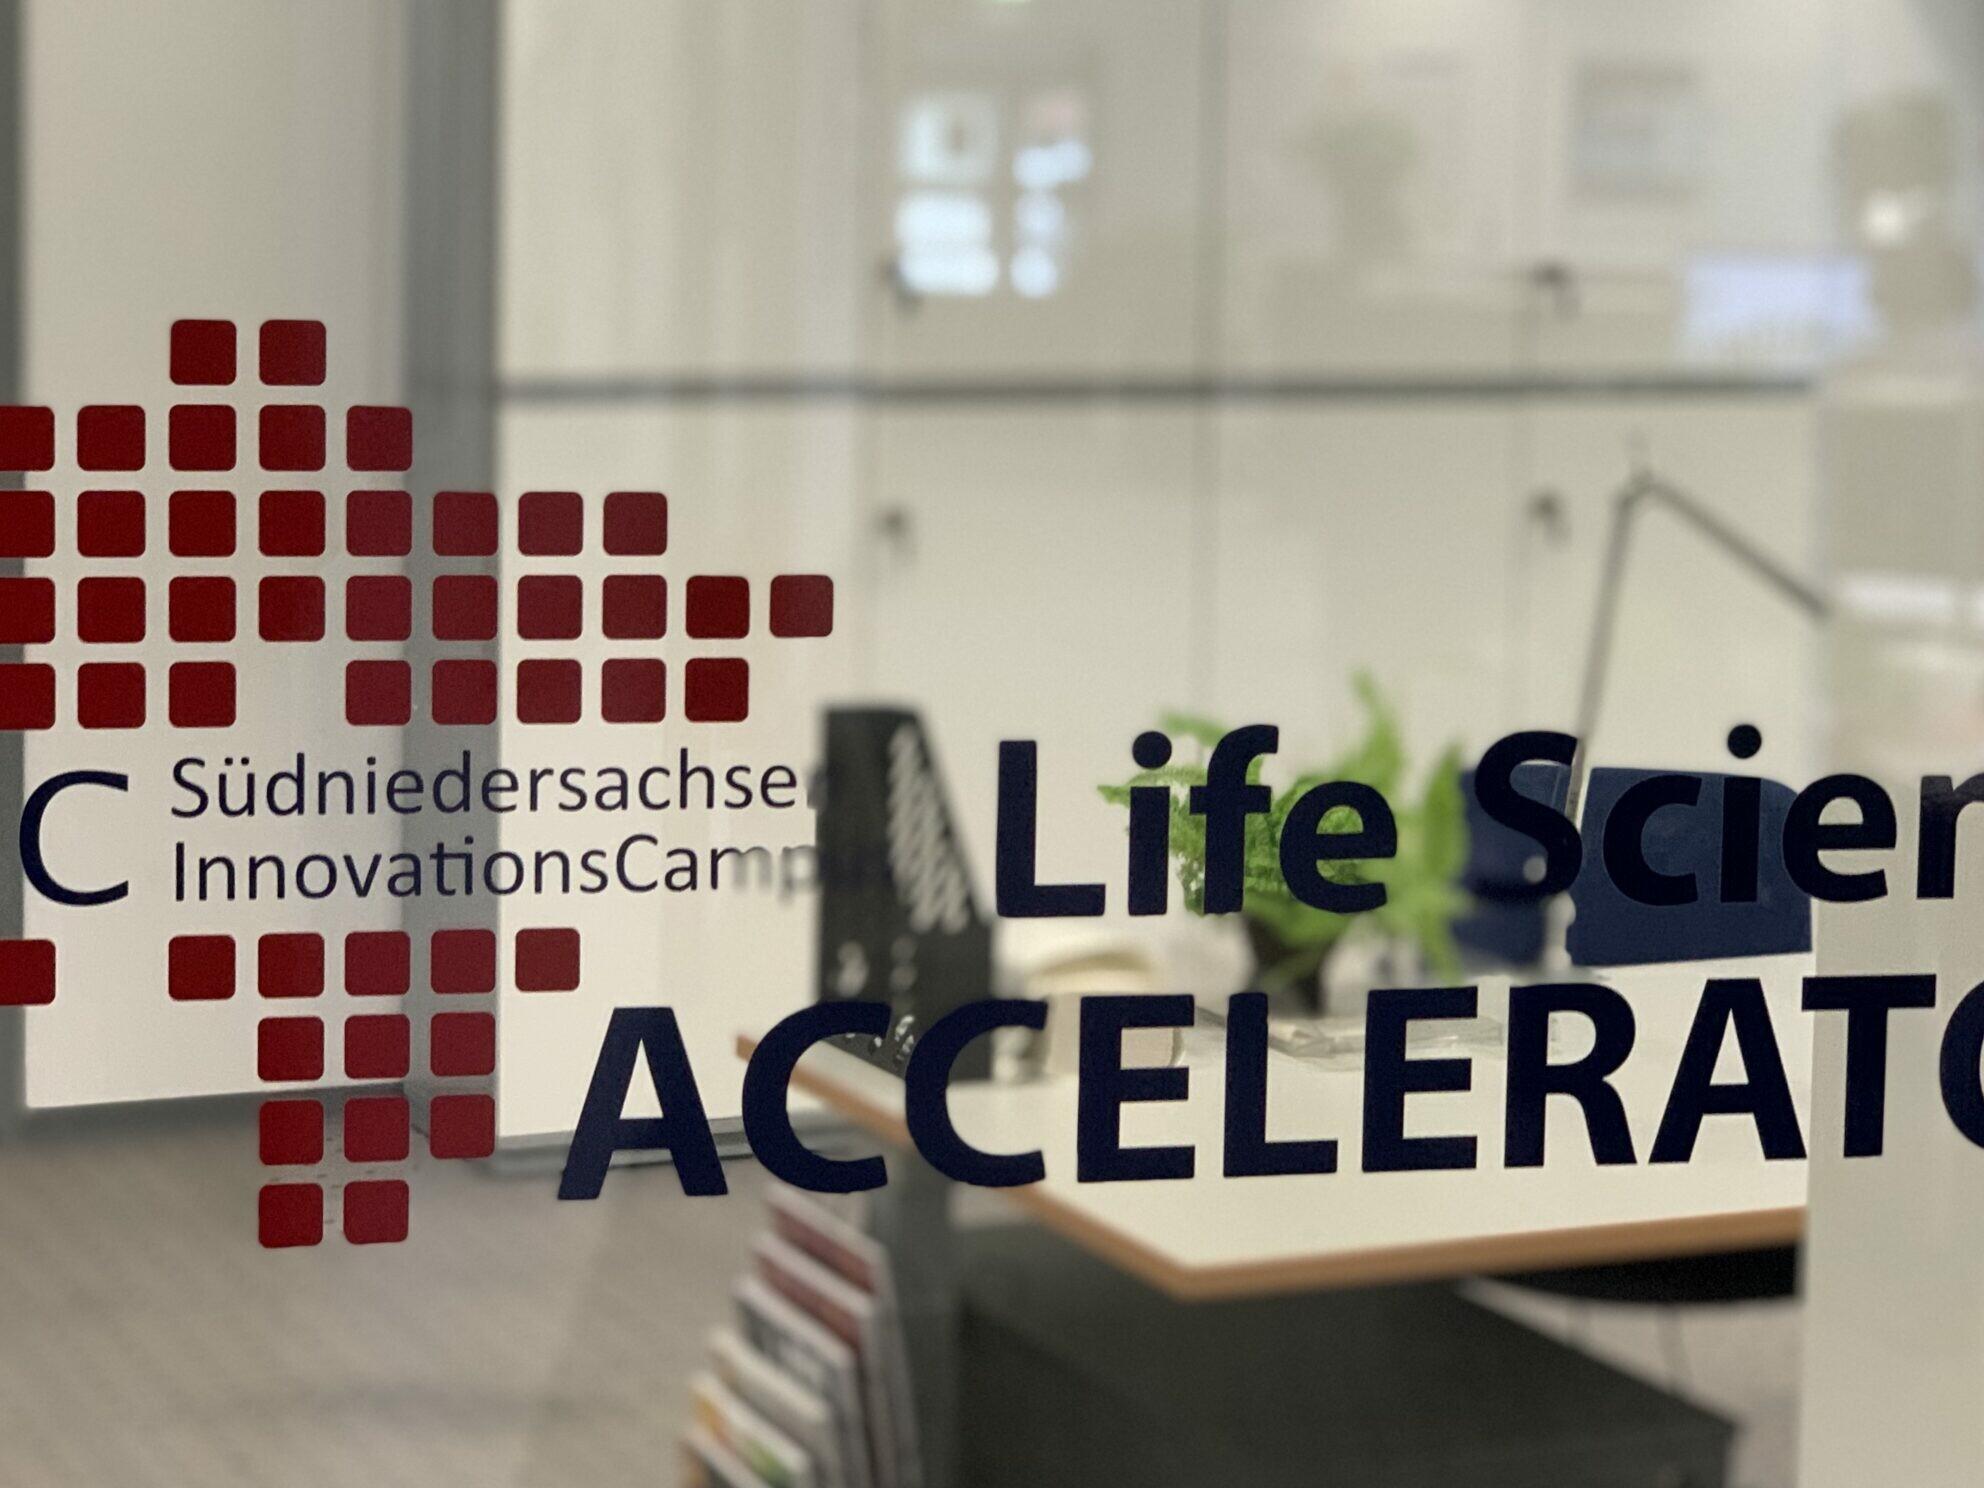 Das Bild zeigt eine Glasscheibe mit dem Logo des SNIC Accelerators. Im Hintergrund sieht man ein Büro.